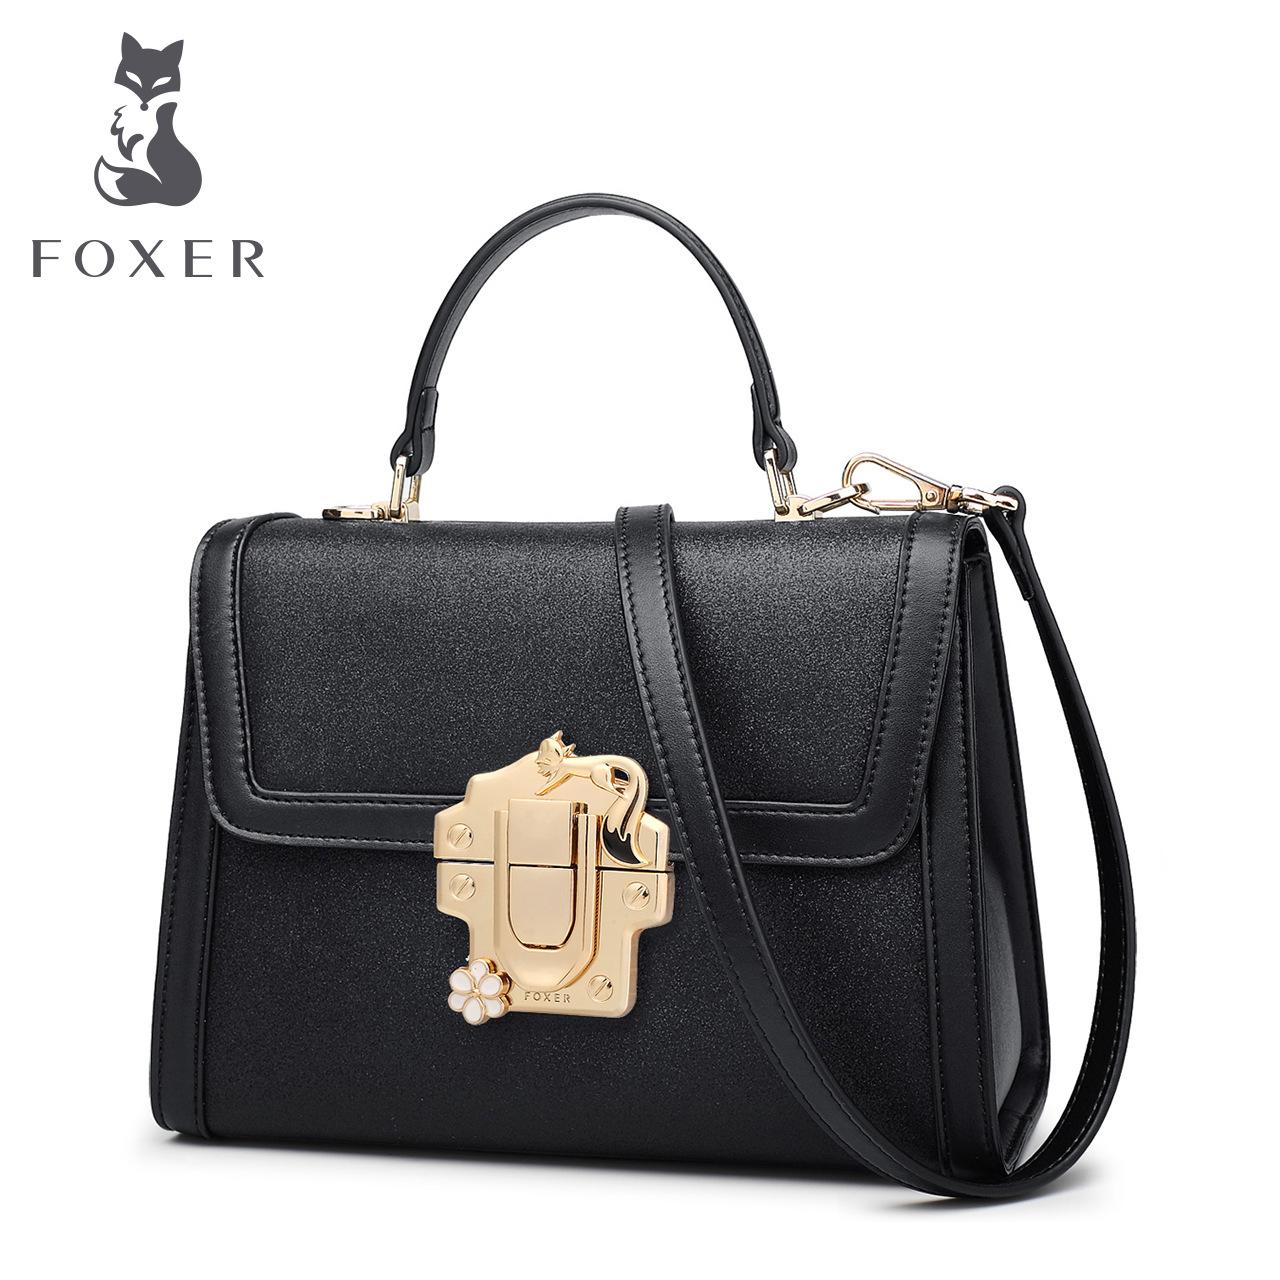 FO奢侈品女包国际大牌潮新款牛皮手提包欧美时尚小方包女士锁扣包